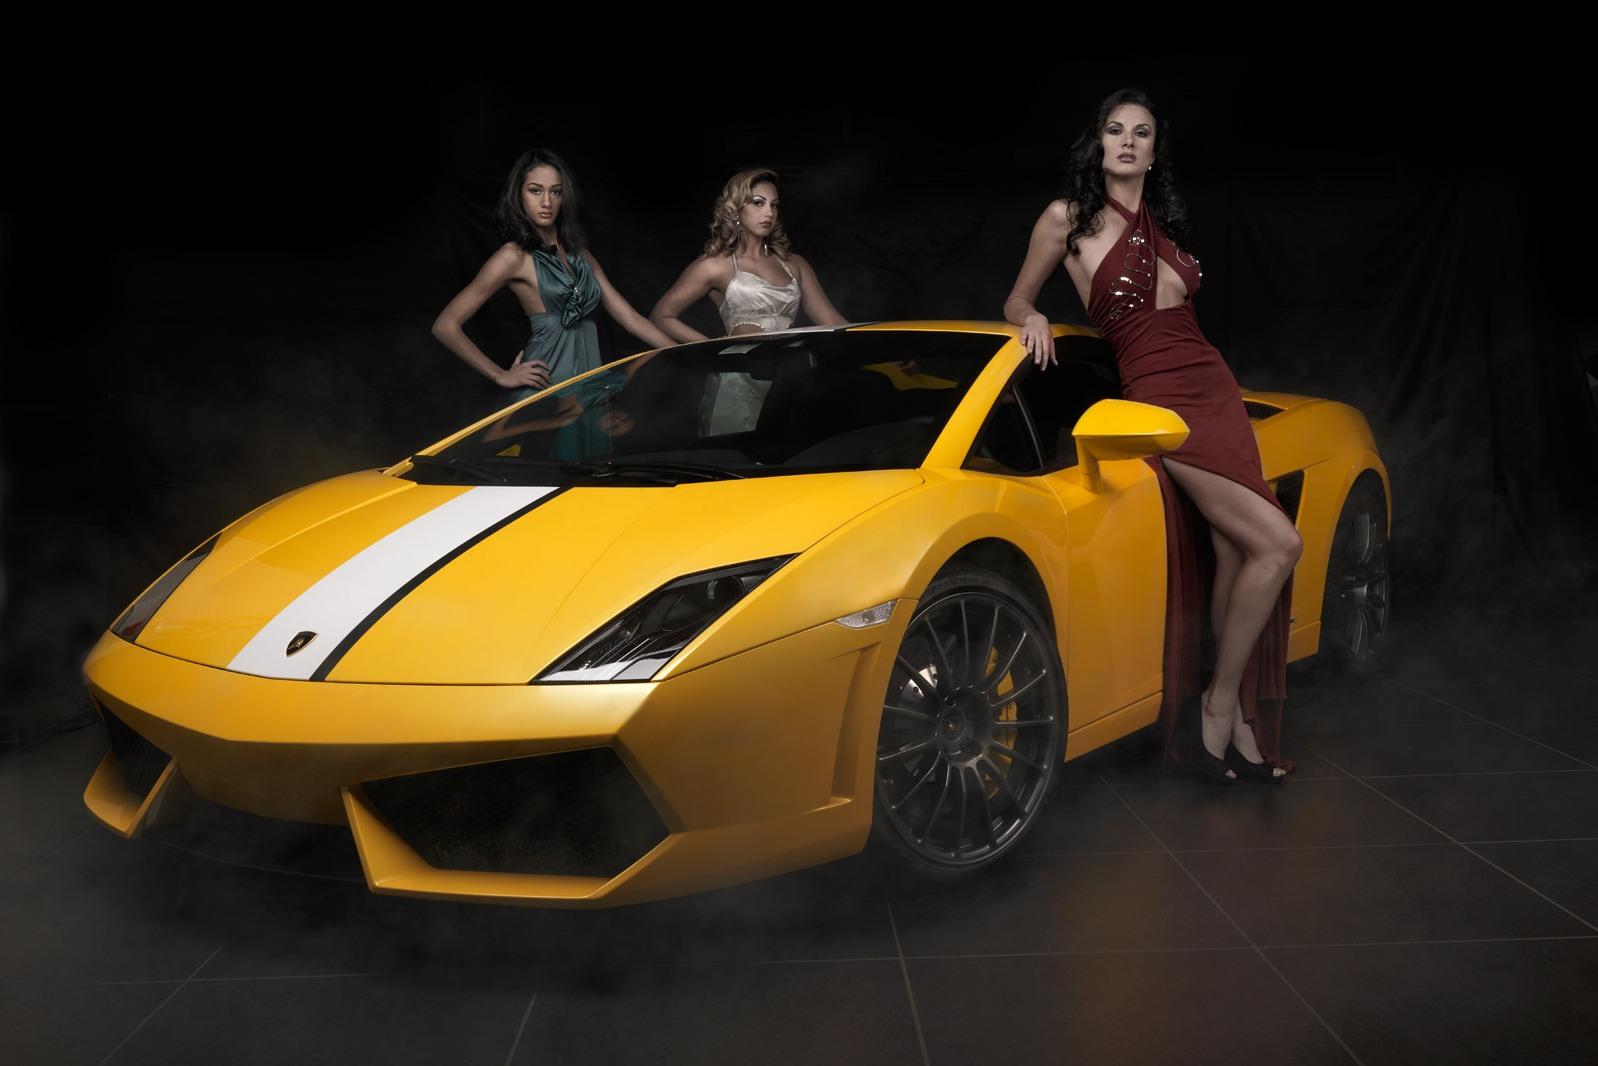 Lamborghini Lp550 2 Balboni Beautiful Car Beautiful Girls My Car Heaven